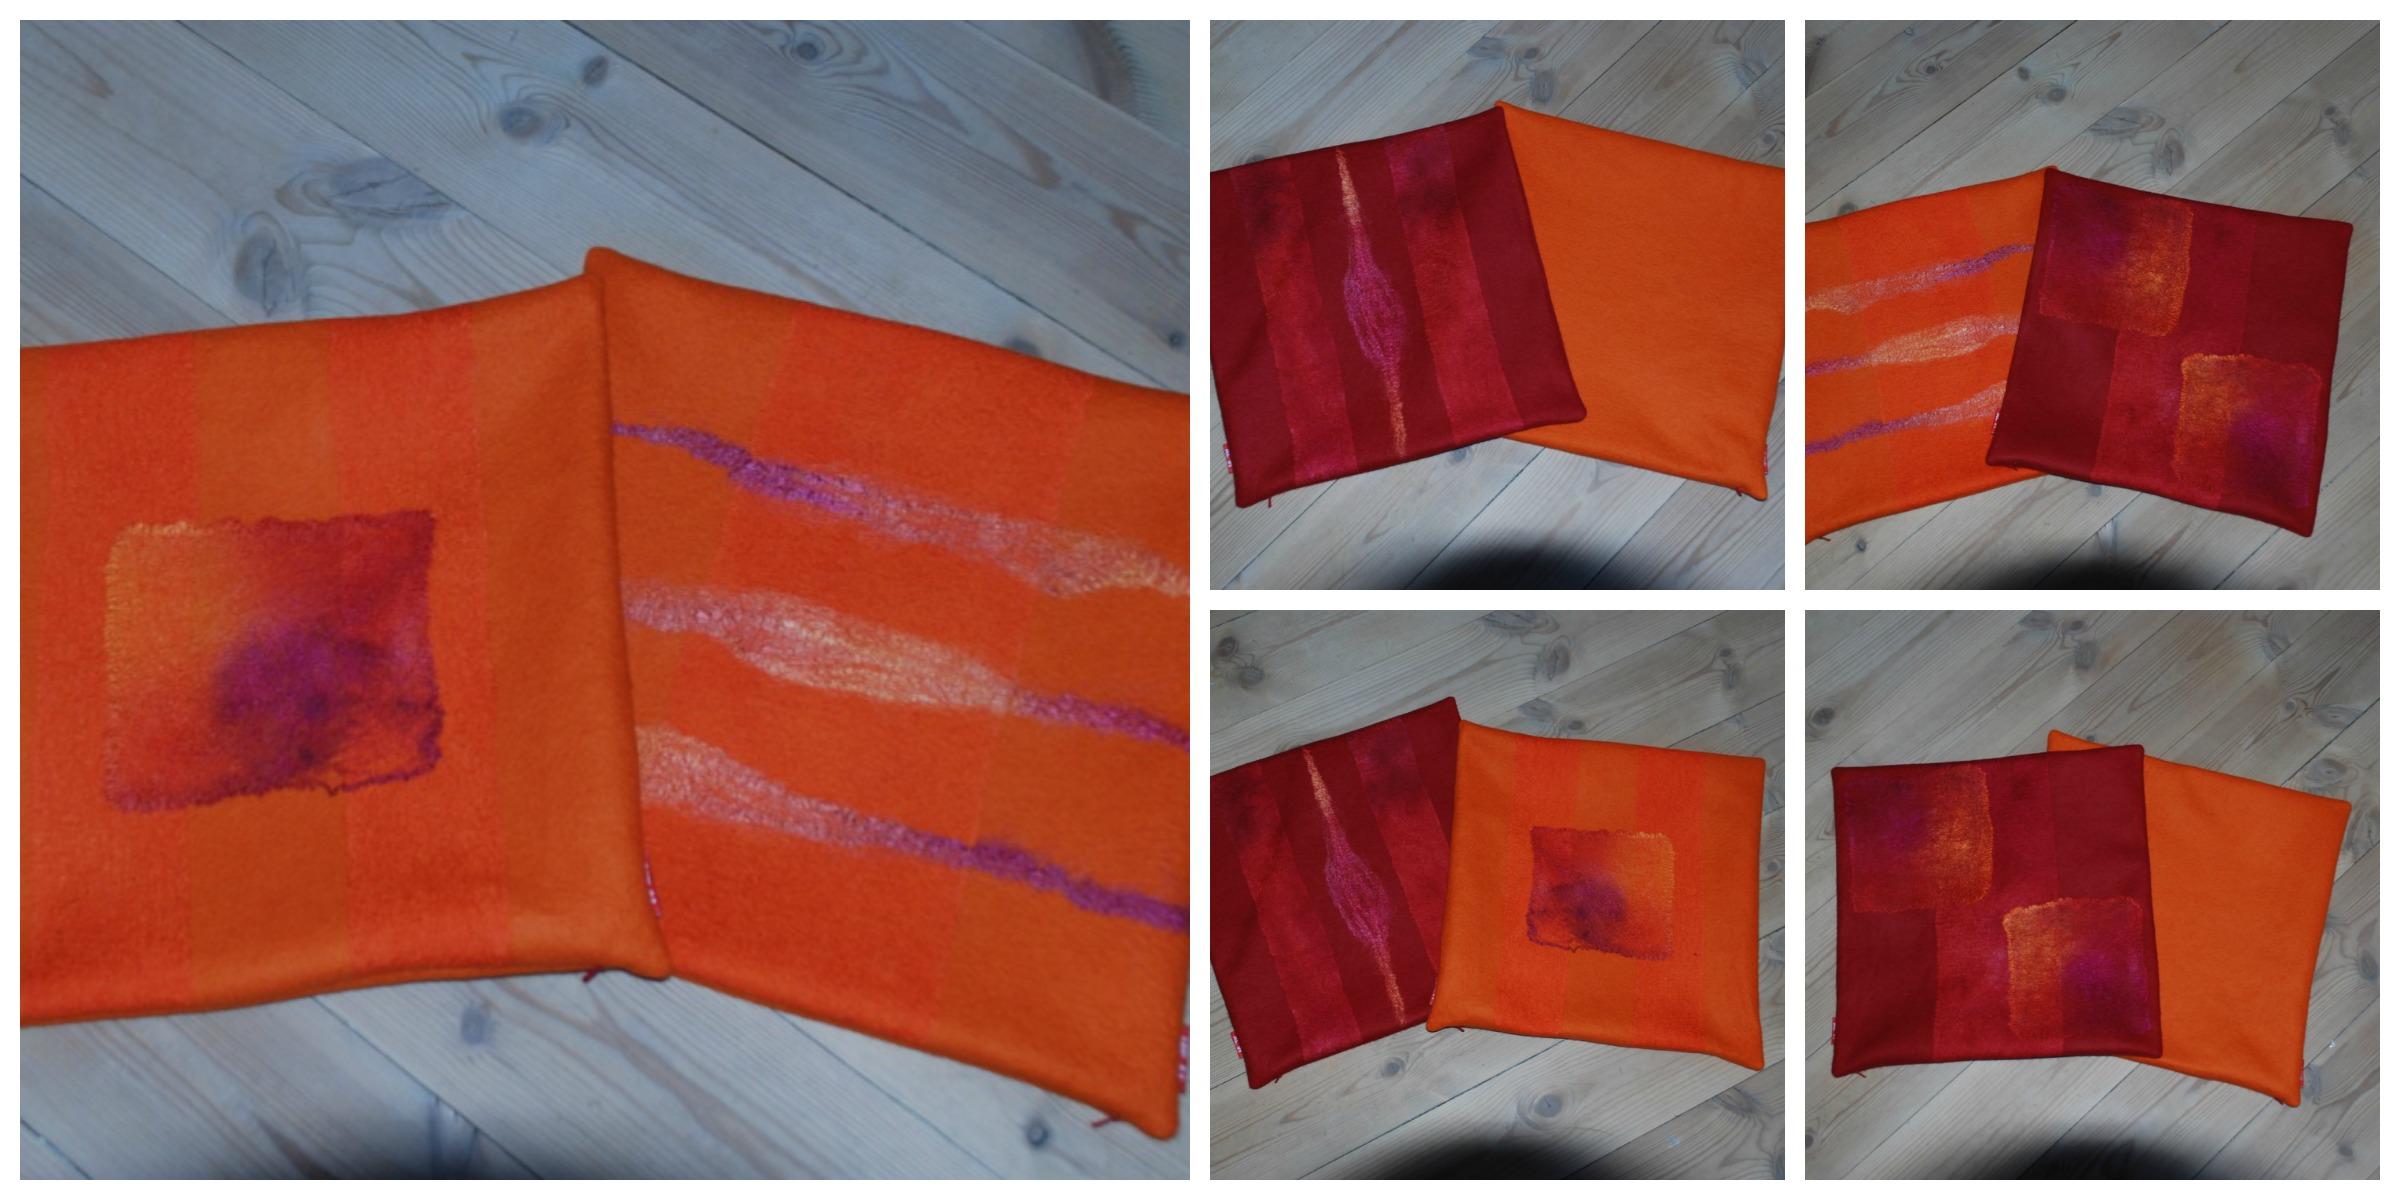 Modernistisk 4 puter i merinoull med silkestoff og silketråder som pynt i rød MX-88